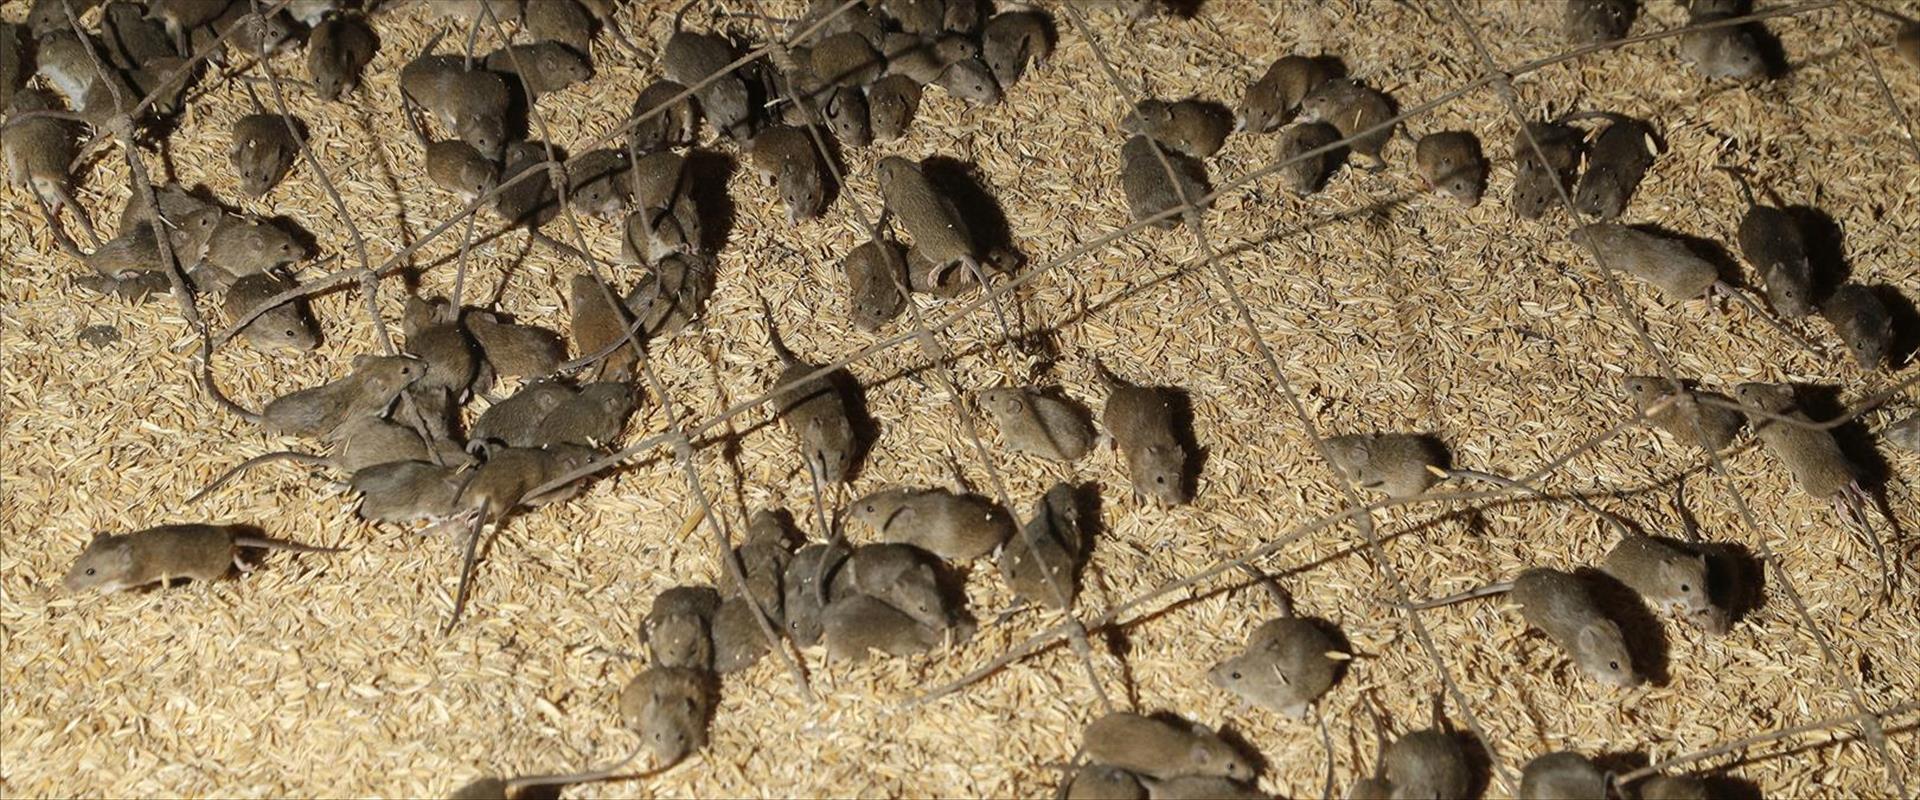 מכת העכברים באוסטרליה